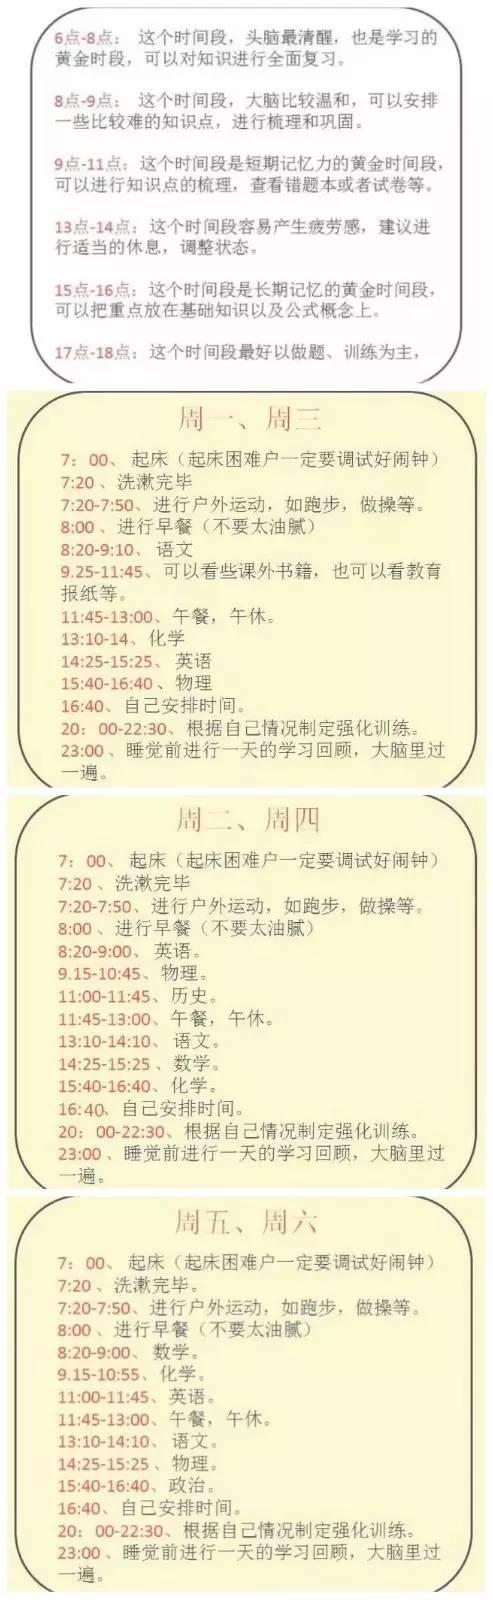 """准高三逆袭秘籍:来自清华学霸的一份""""暑期计划表"""""""